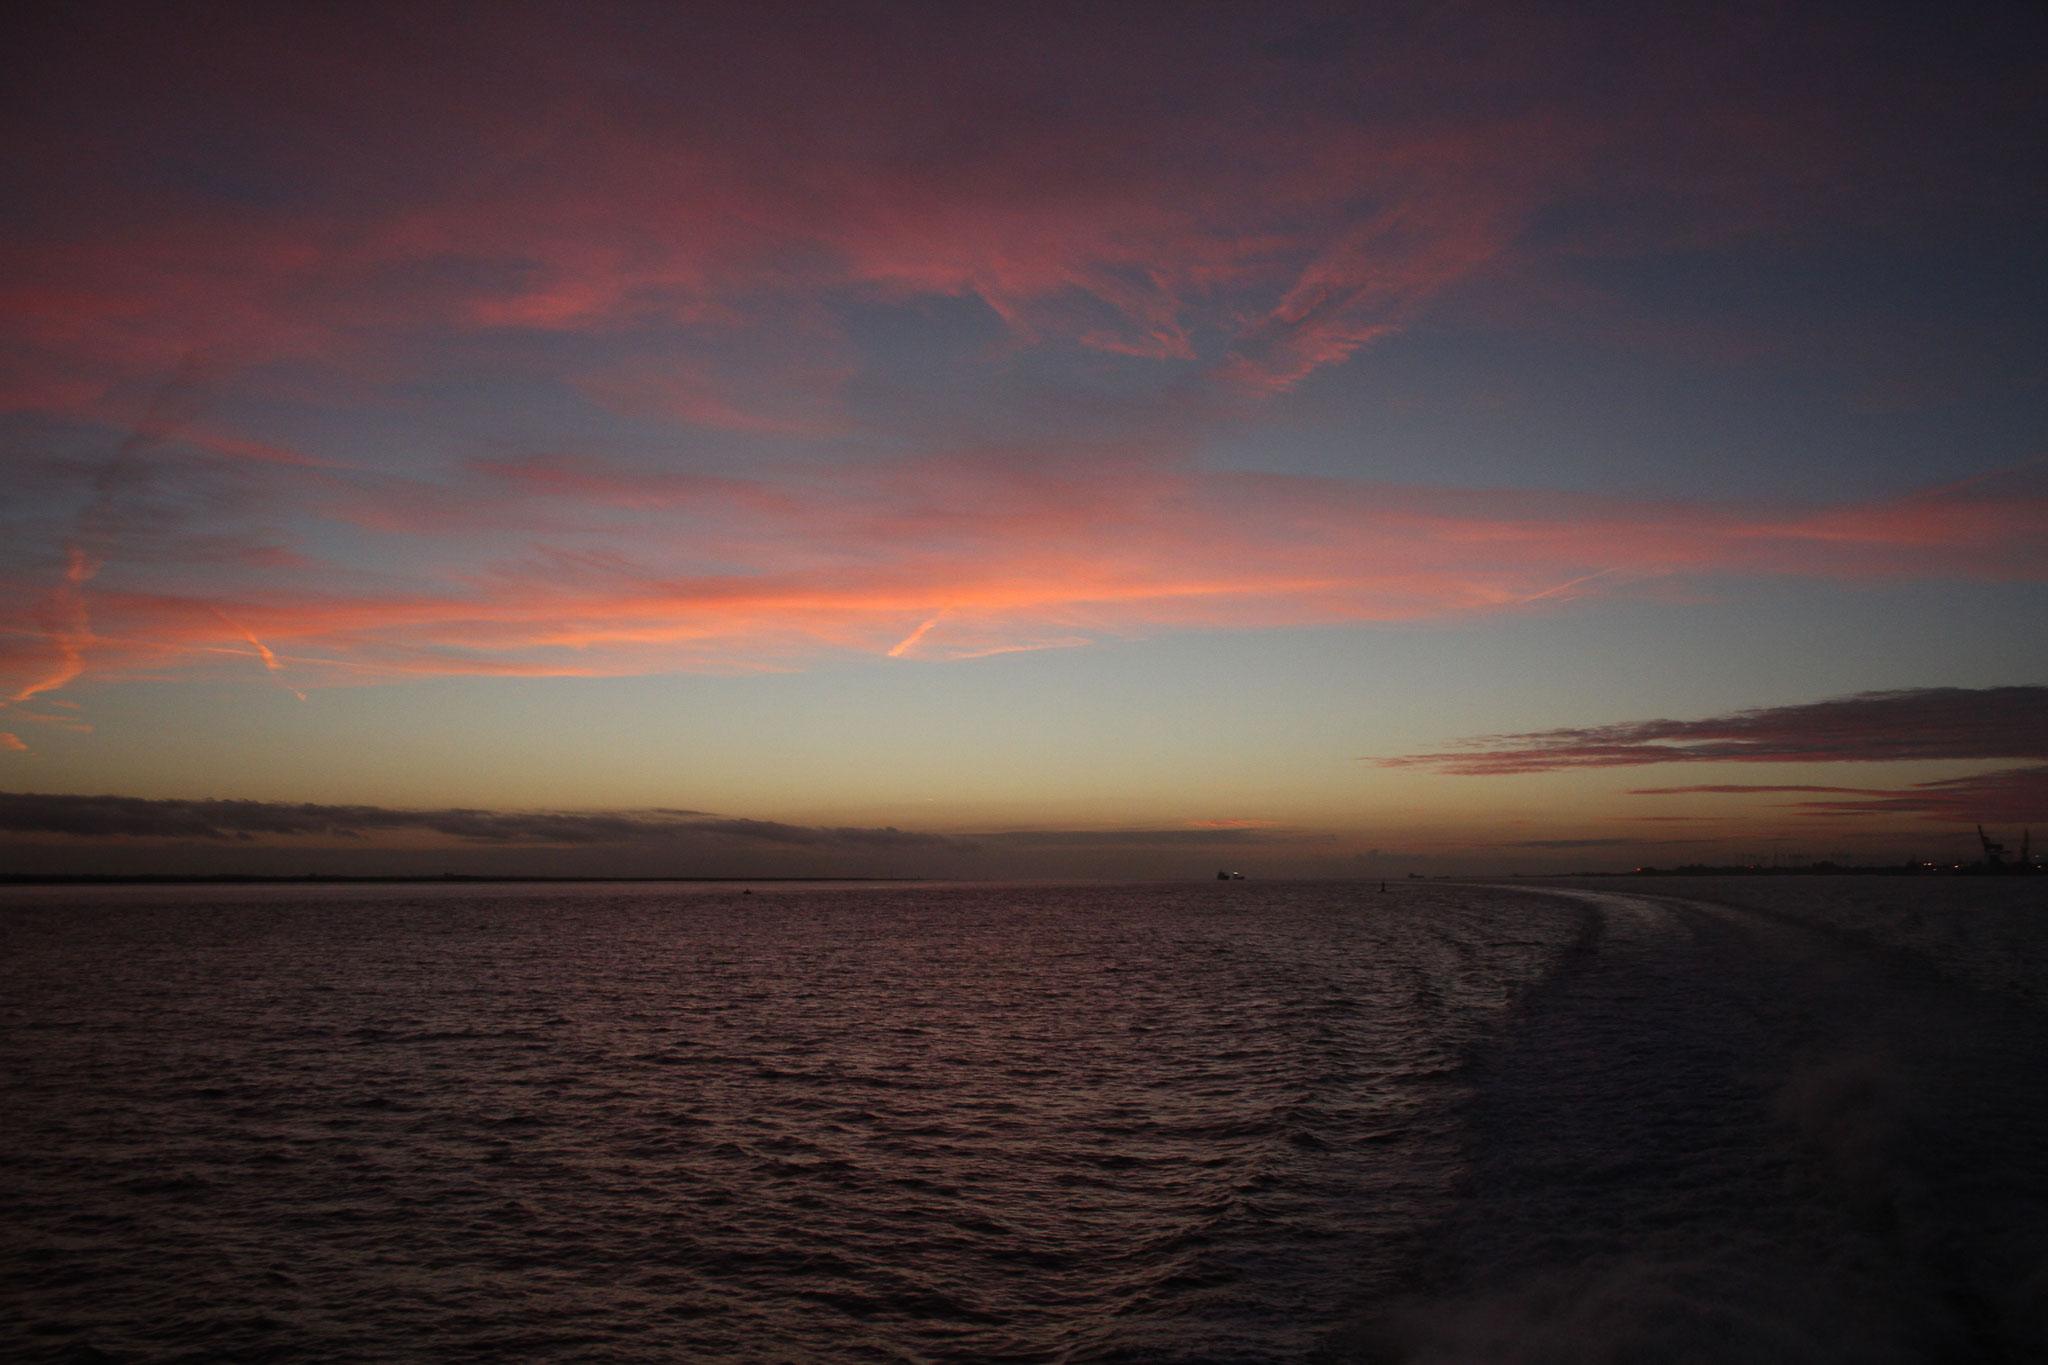 ... erleben wir eine herrliche Abendstimmung auf der Elbe.